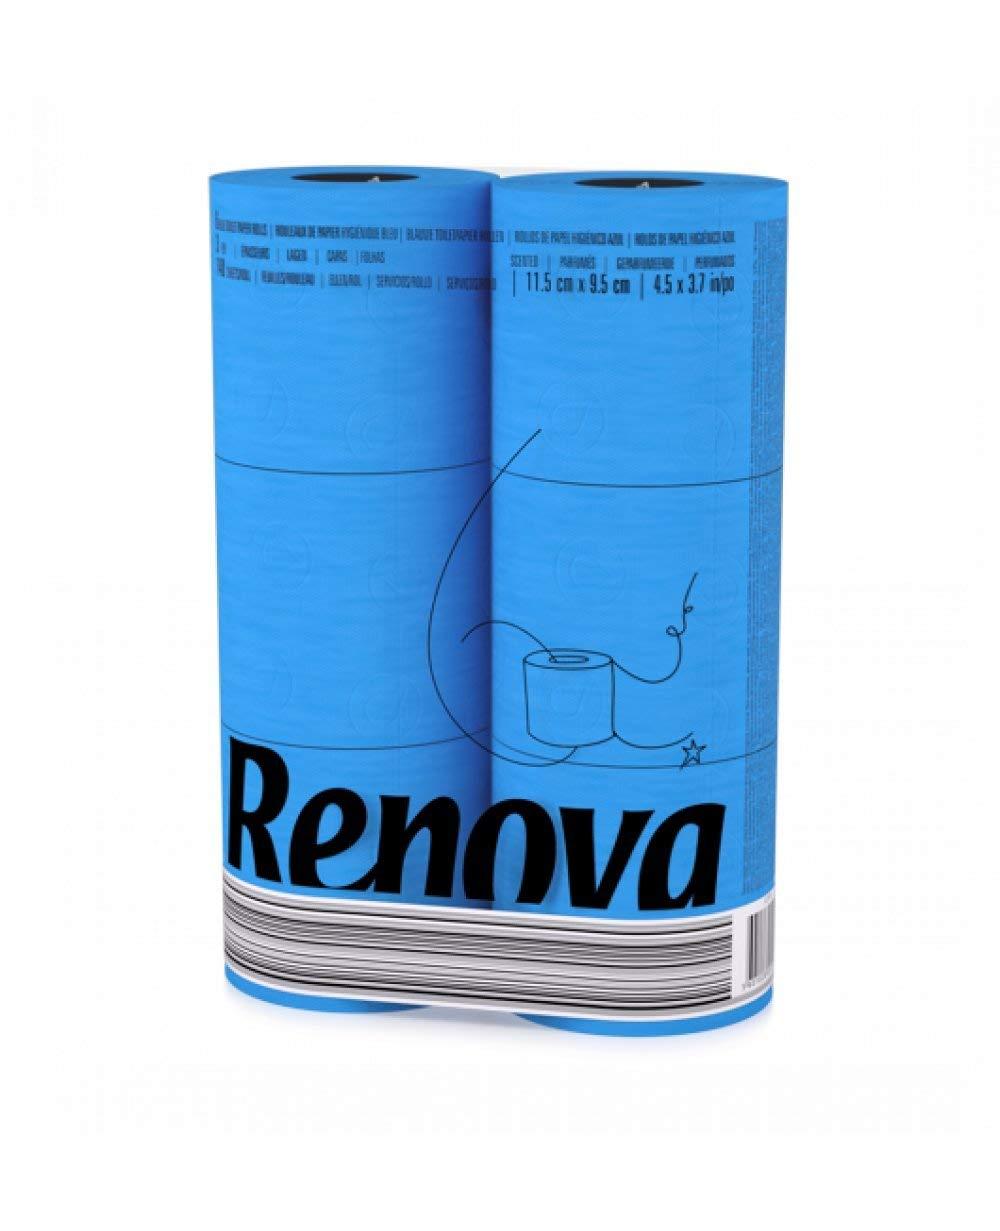 RENOVA Blaues Toilettenpapier - BLAU in Folie 6 Rollen